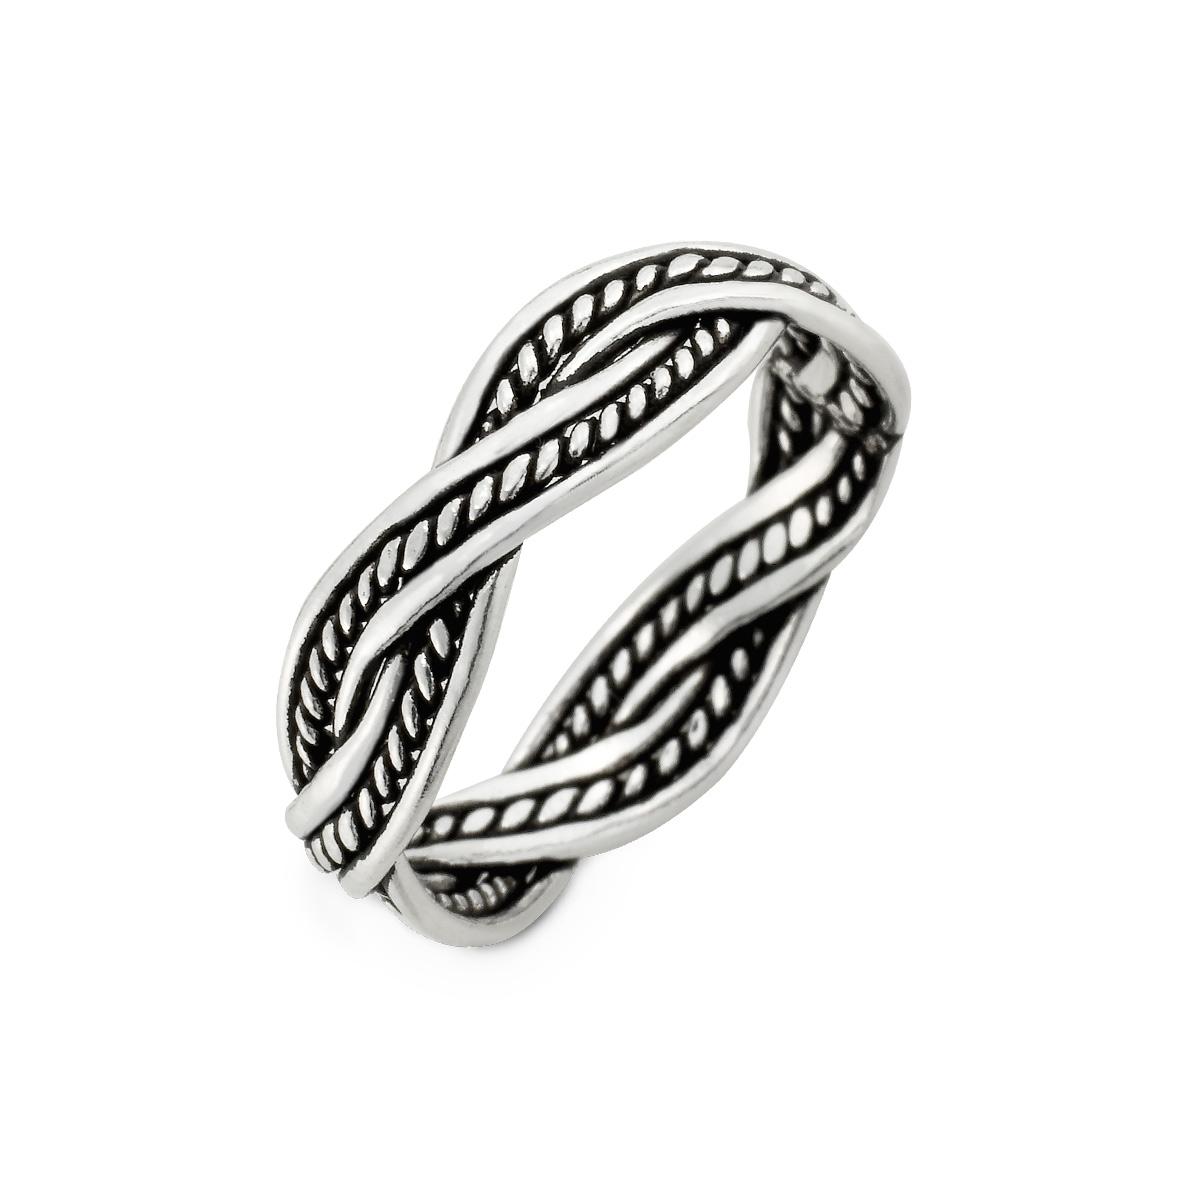 KSW311 經典麻花-姊妹款率性蛇紋麻花戒指